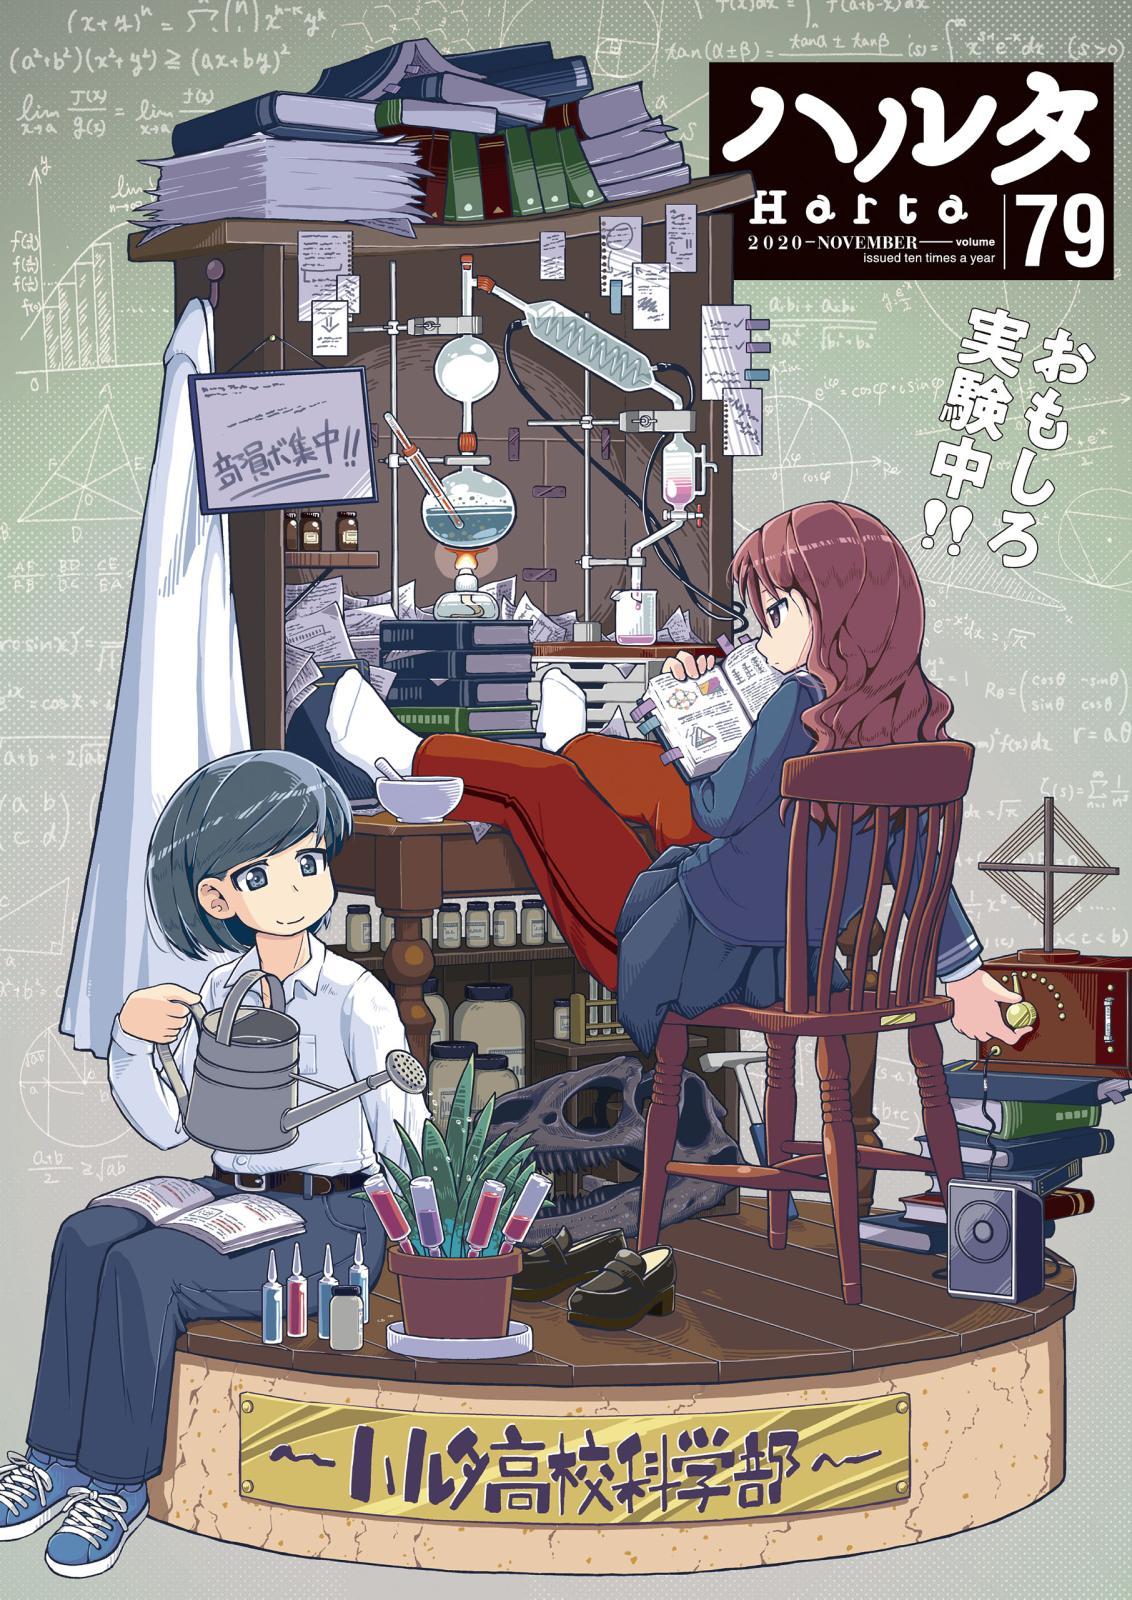 ハルタ 2020-NOVEMBER volume 79